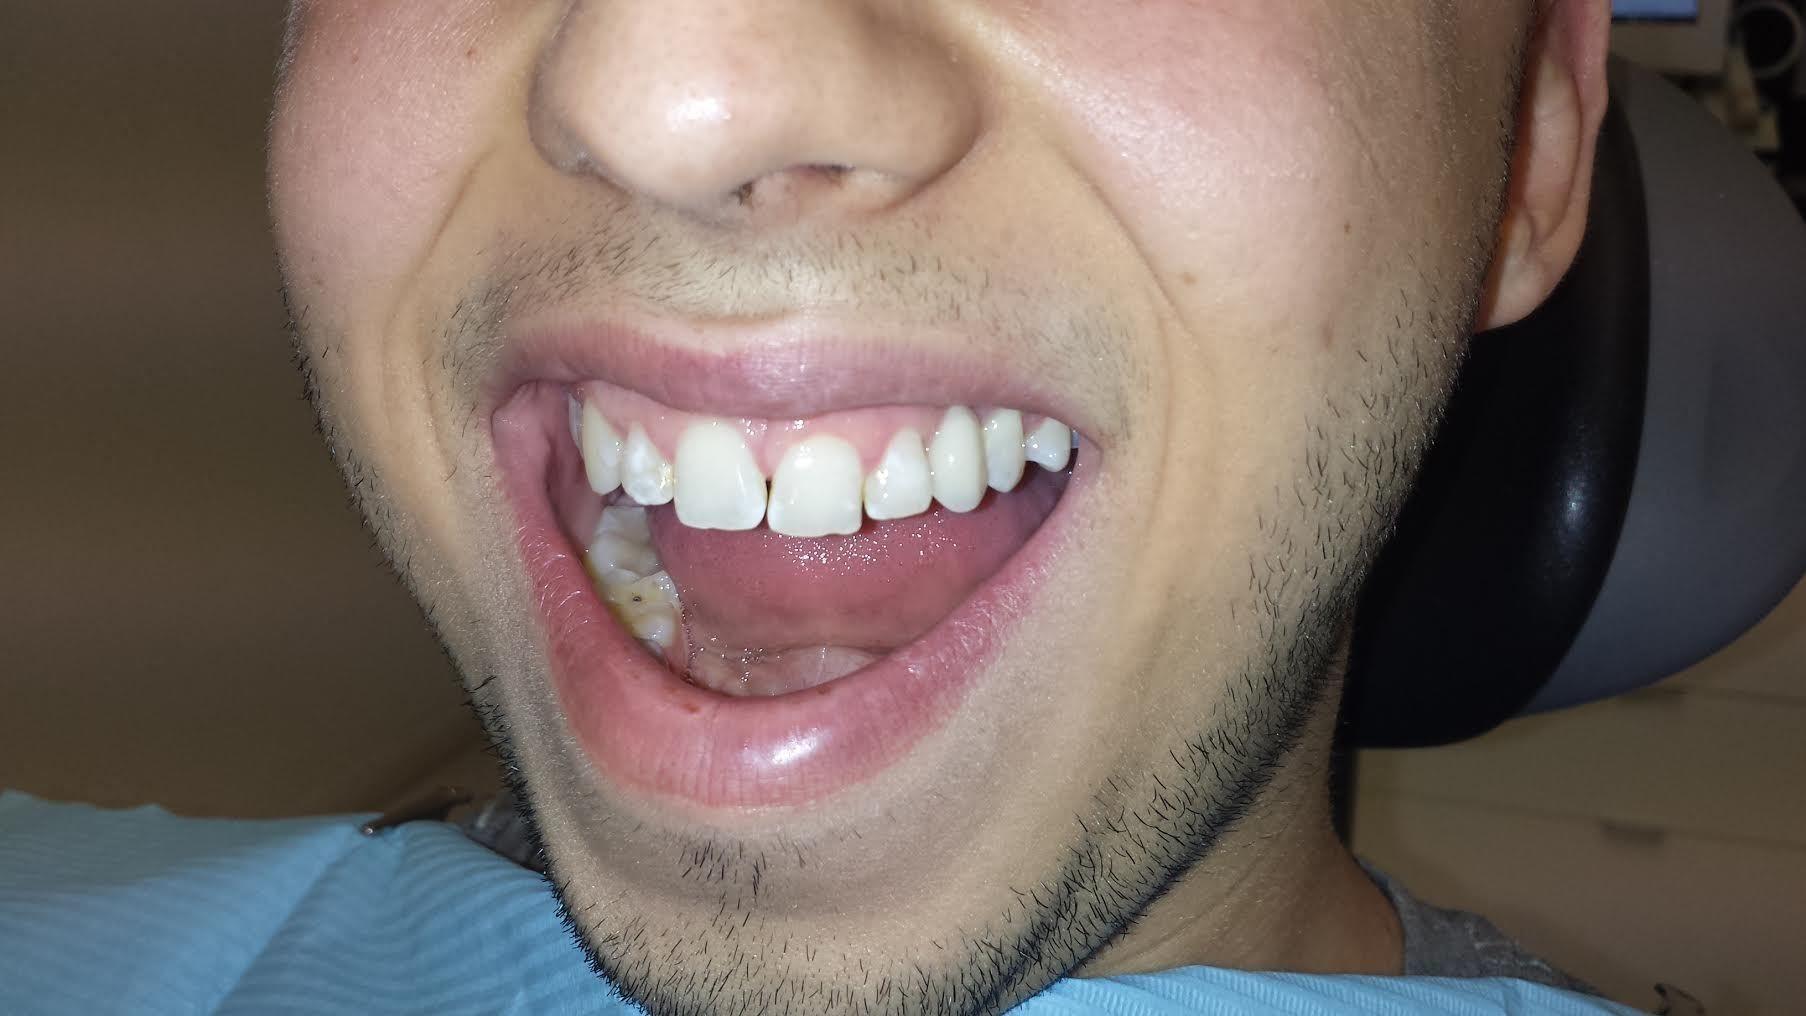 Implantologie dentaire : comment ça marche ?